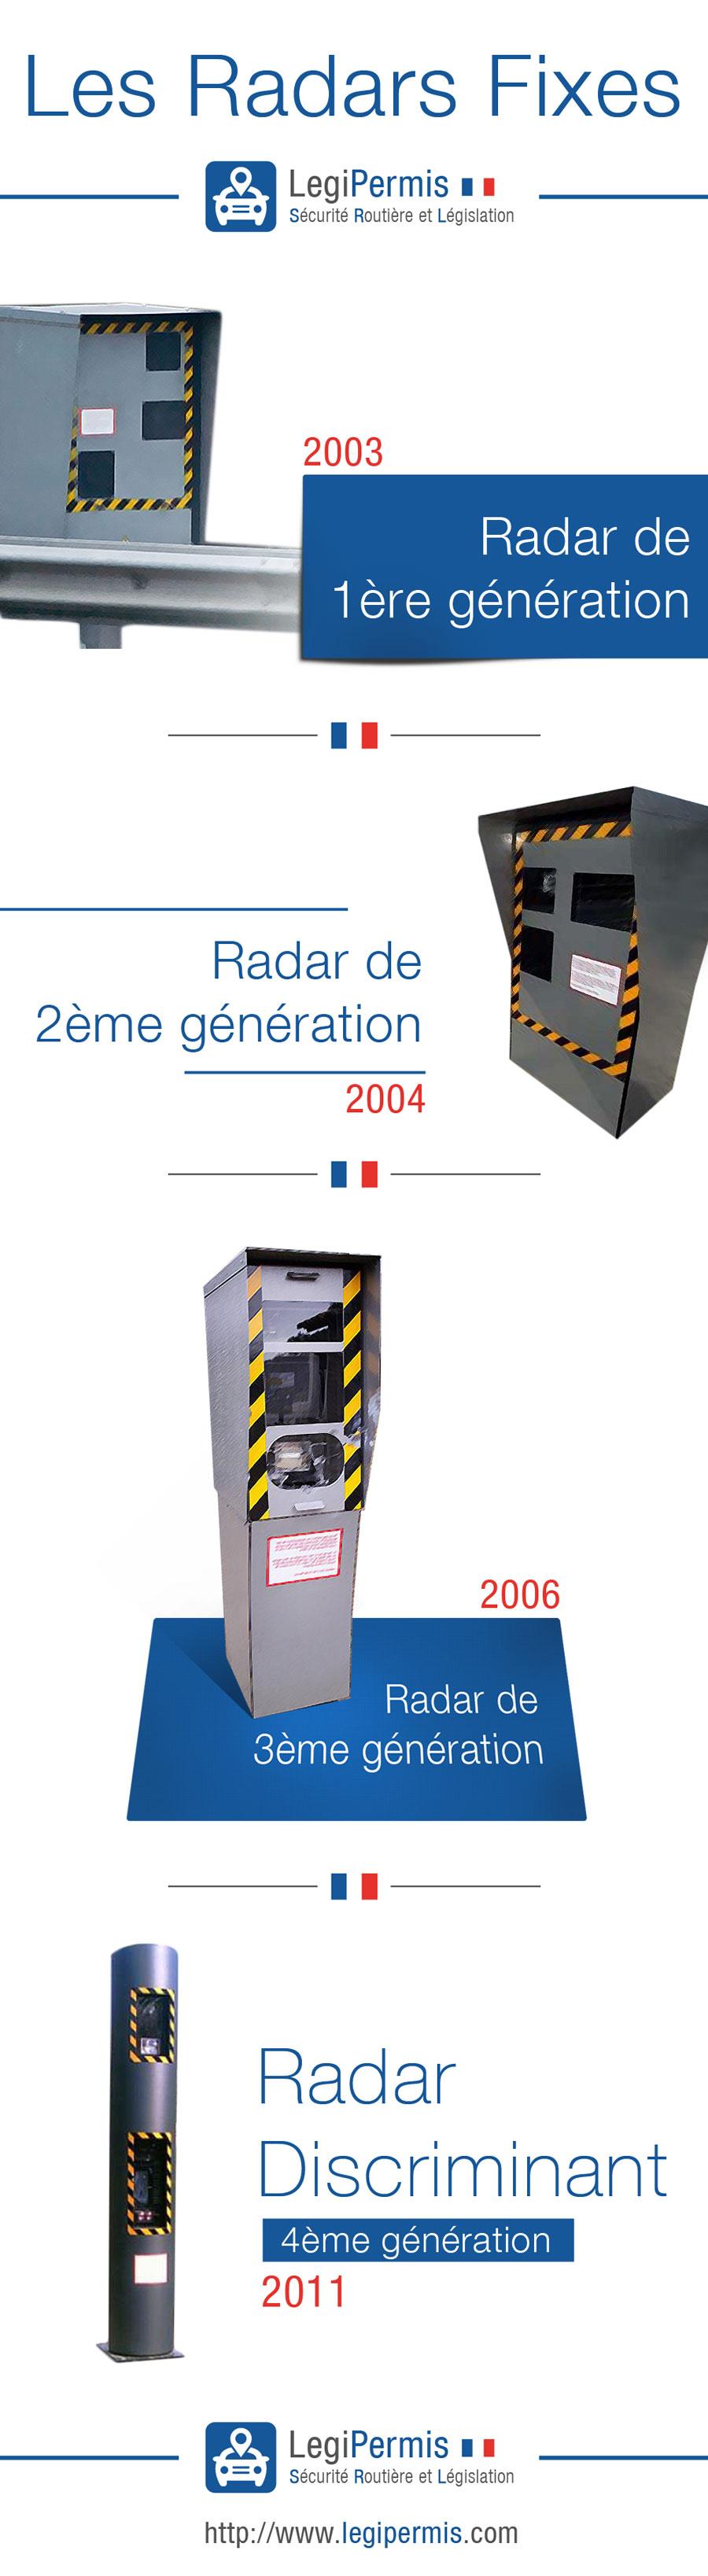 les radars fixes en image